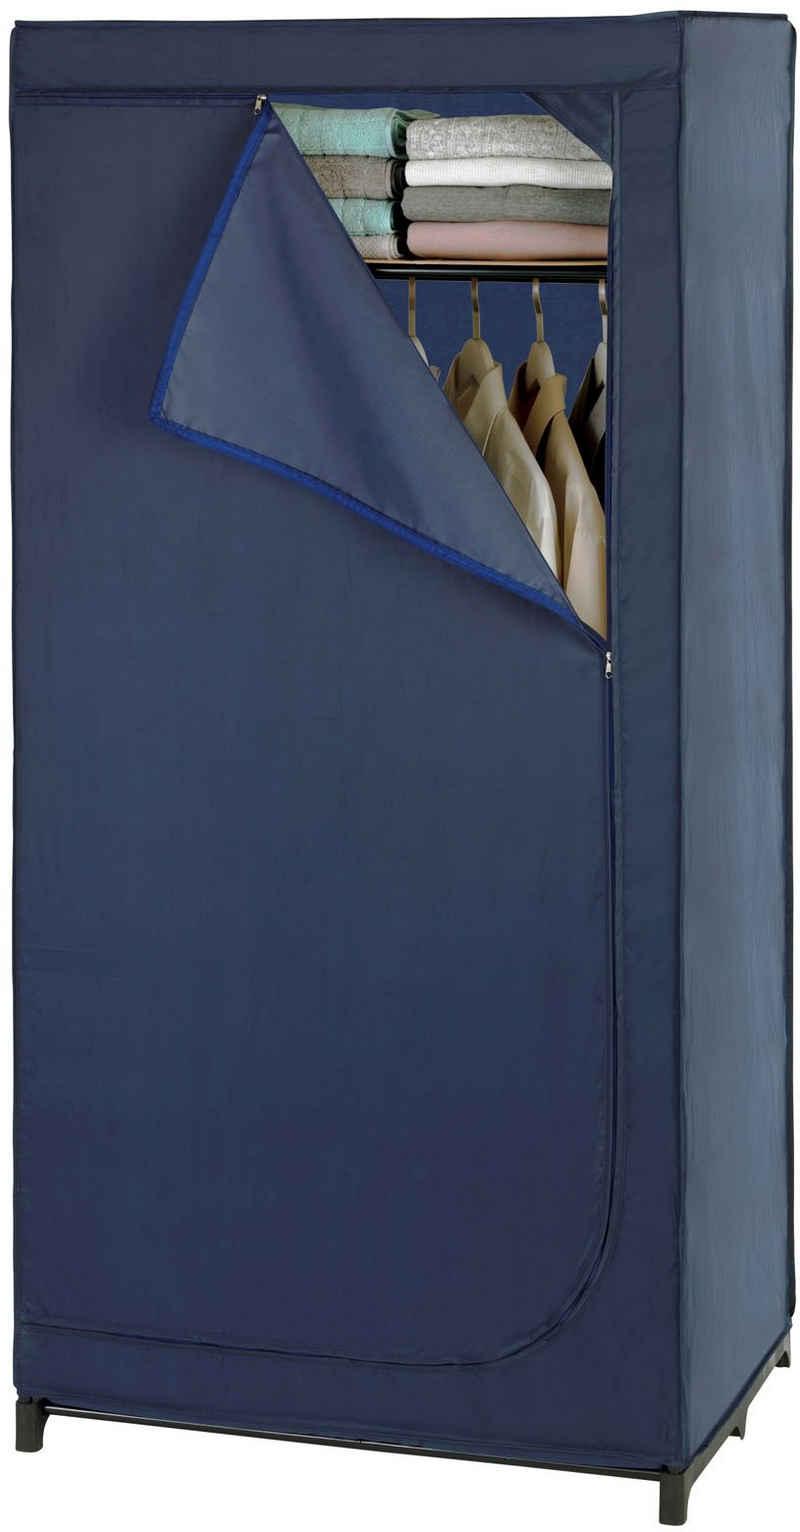 WENKO Kleiderschrank »Business« Polyester-Qualität, mit Ablage, Höhe 160 cm